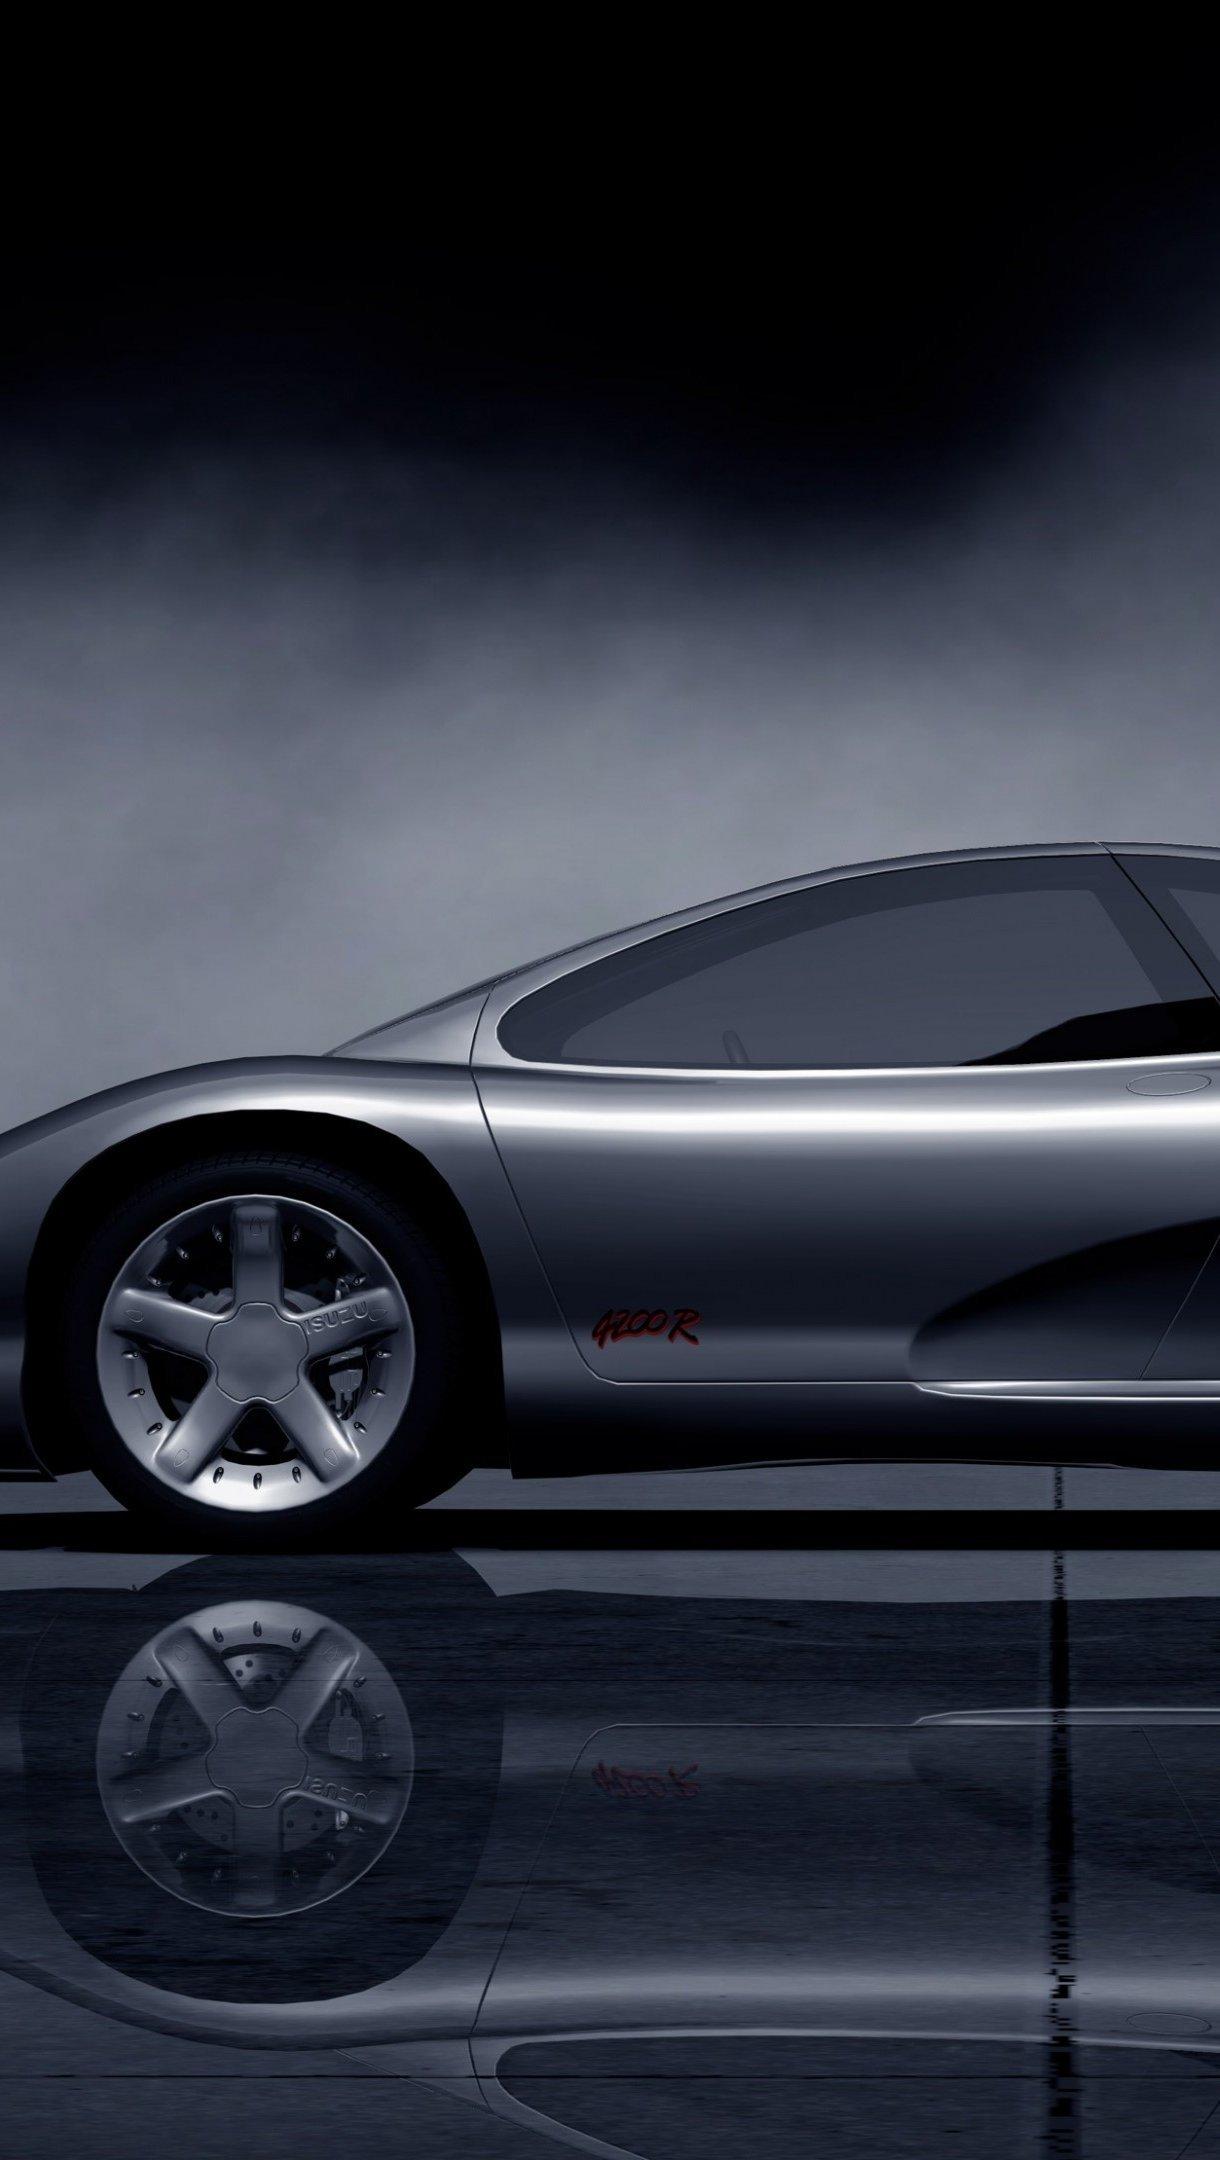 Fondos de pantalla Isuzu 4200R concept  gris oscuro Vertical